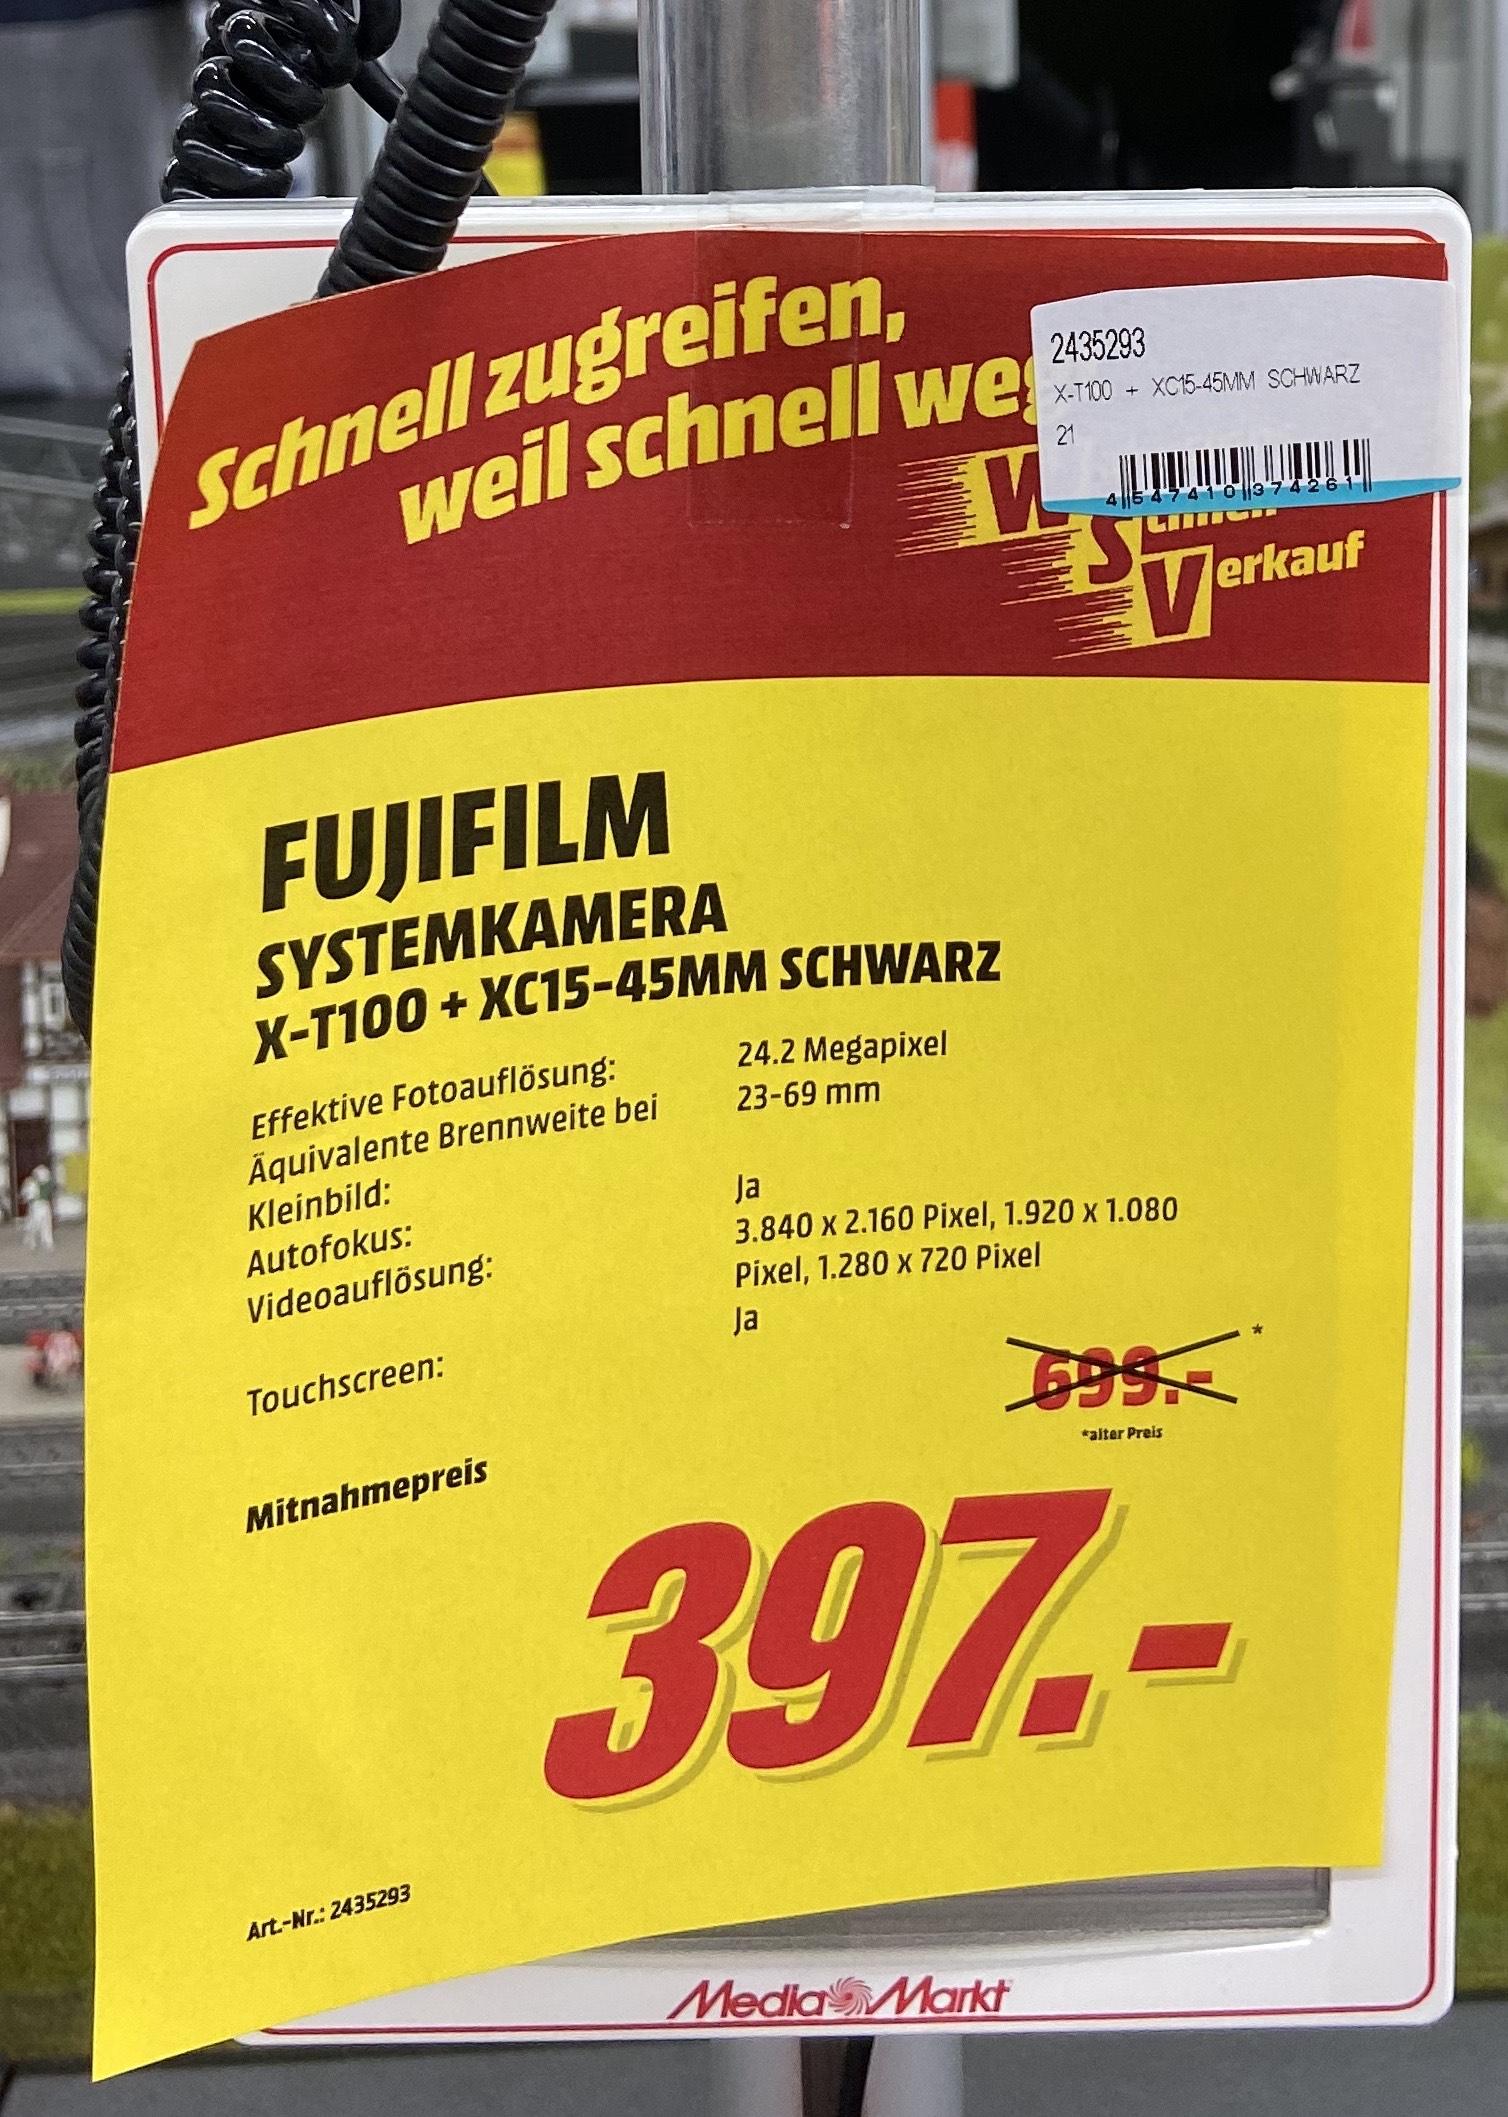 [Lokal MM Hannover]: Fujifilm X-T100 + XC15-45mm schwarz